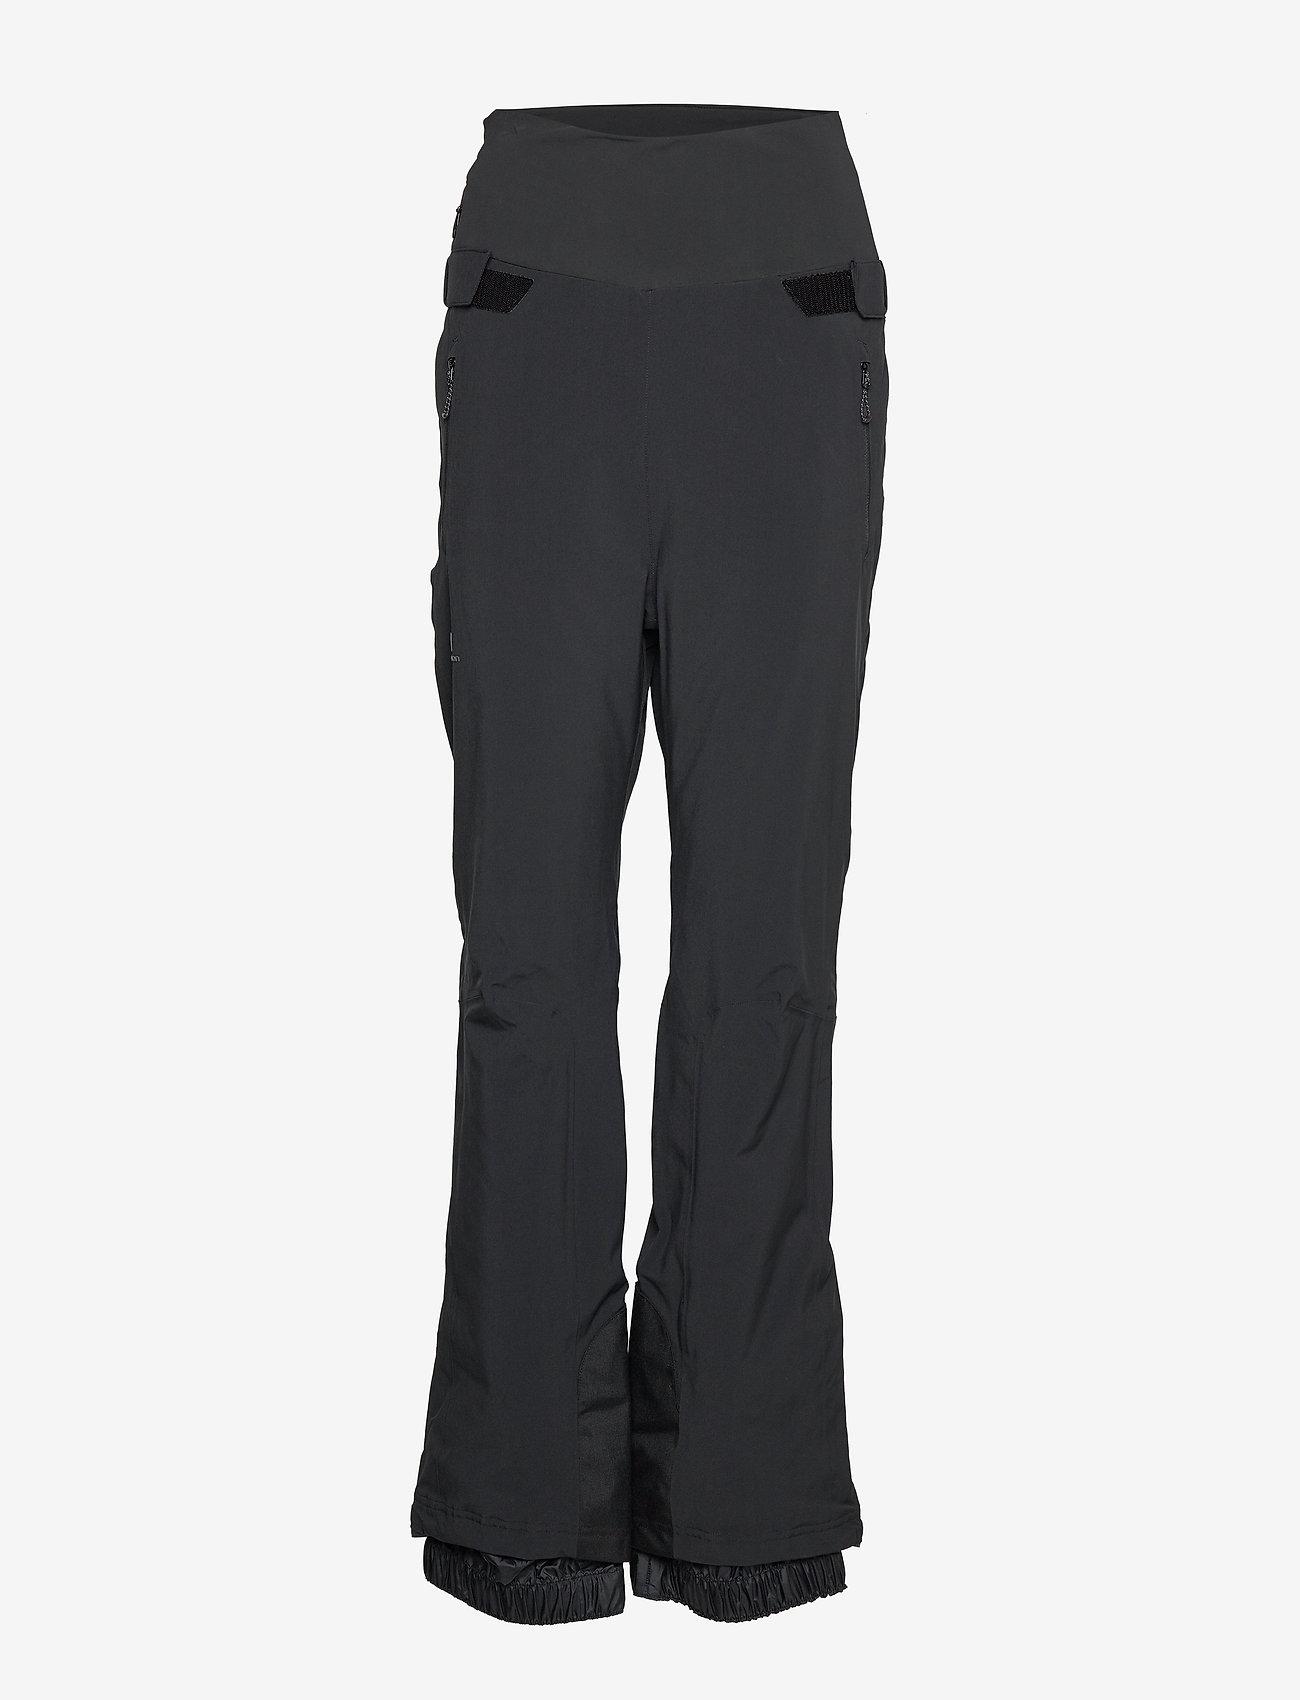 Salomon - ICEFANCY PANT W - spodnie narciarskie - black - 0